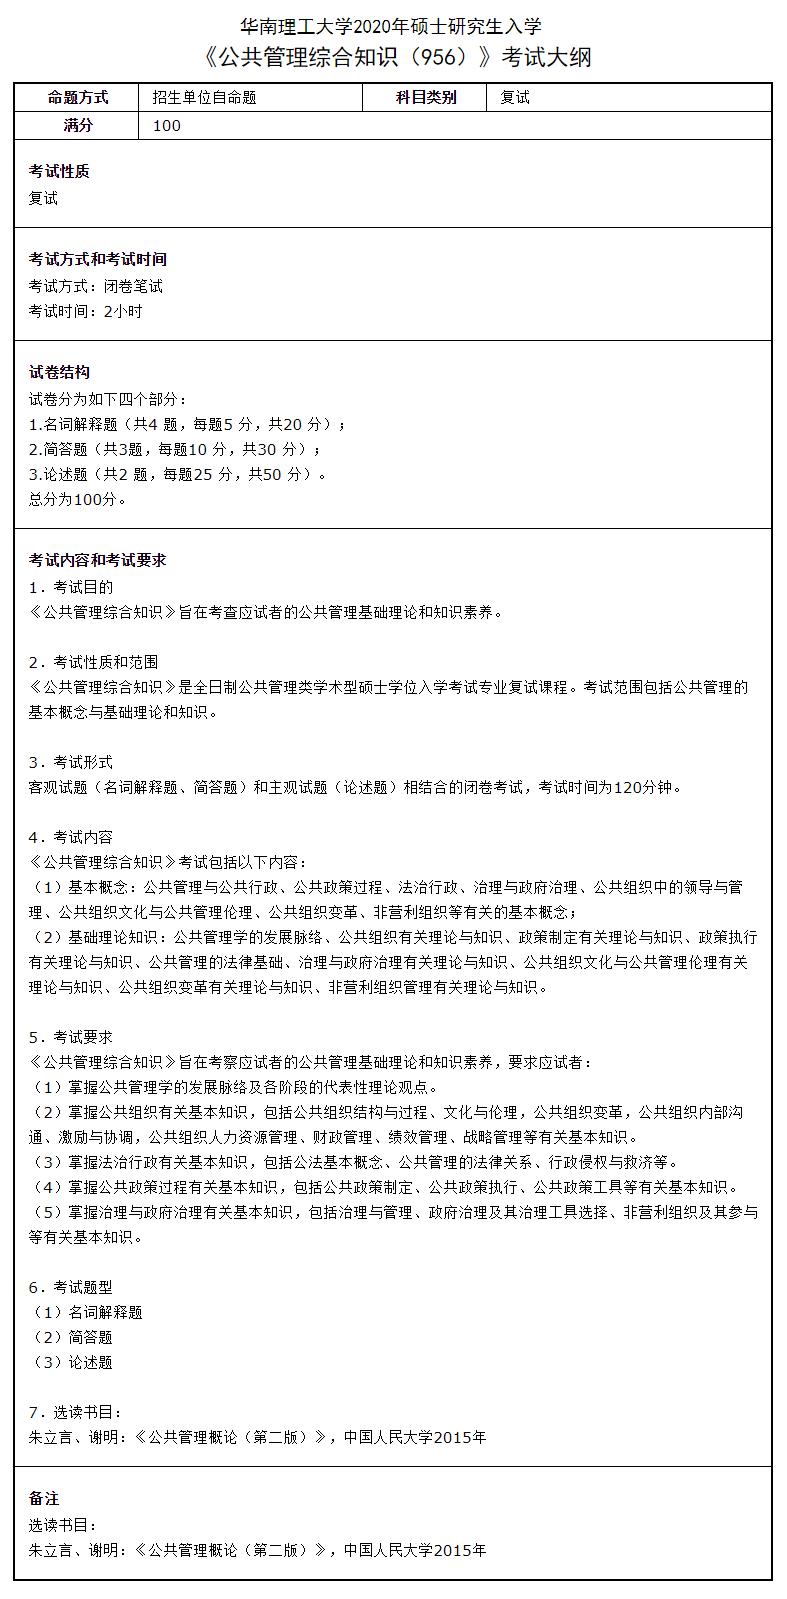 华南理工大学公共管理综合知识2020考研复试大纲